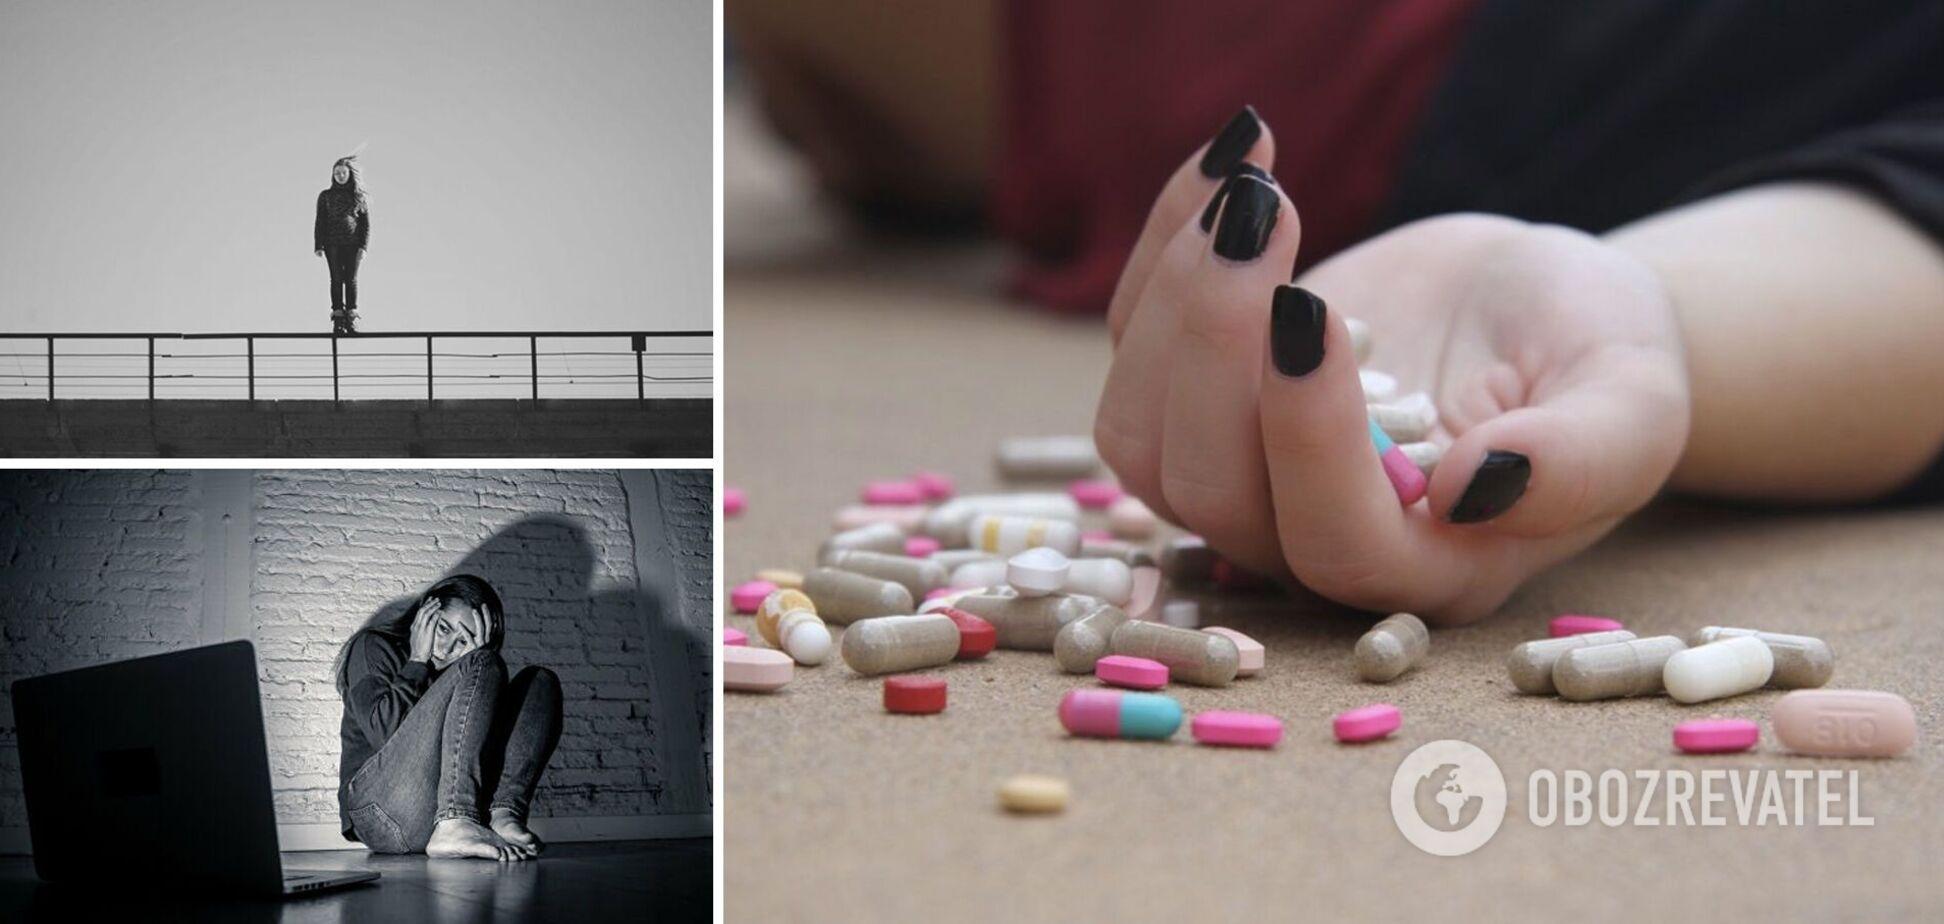 Украину захлестнула волна загадочных самоубийств: подростки травятся таблетками и выпрыгивают из окон